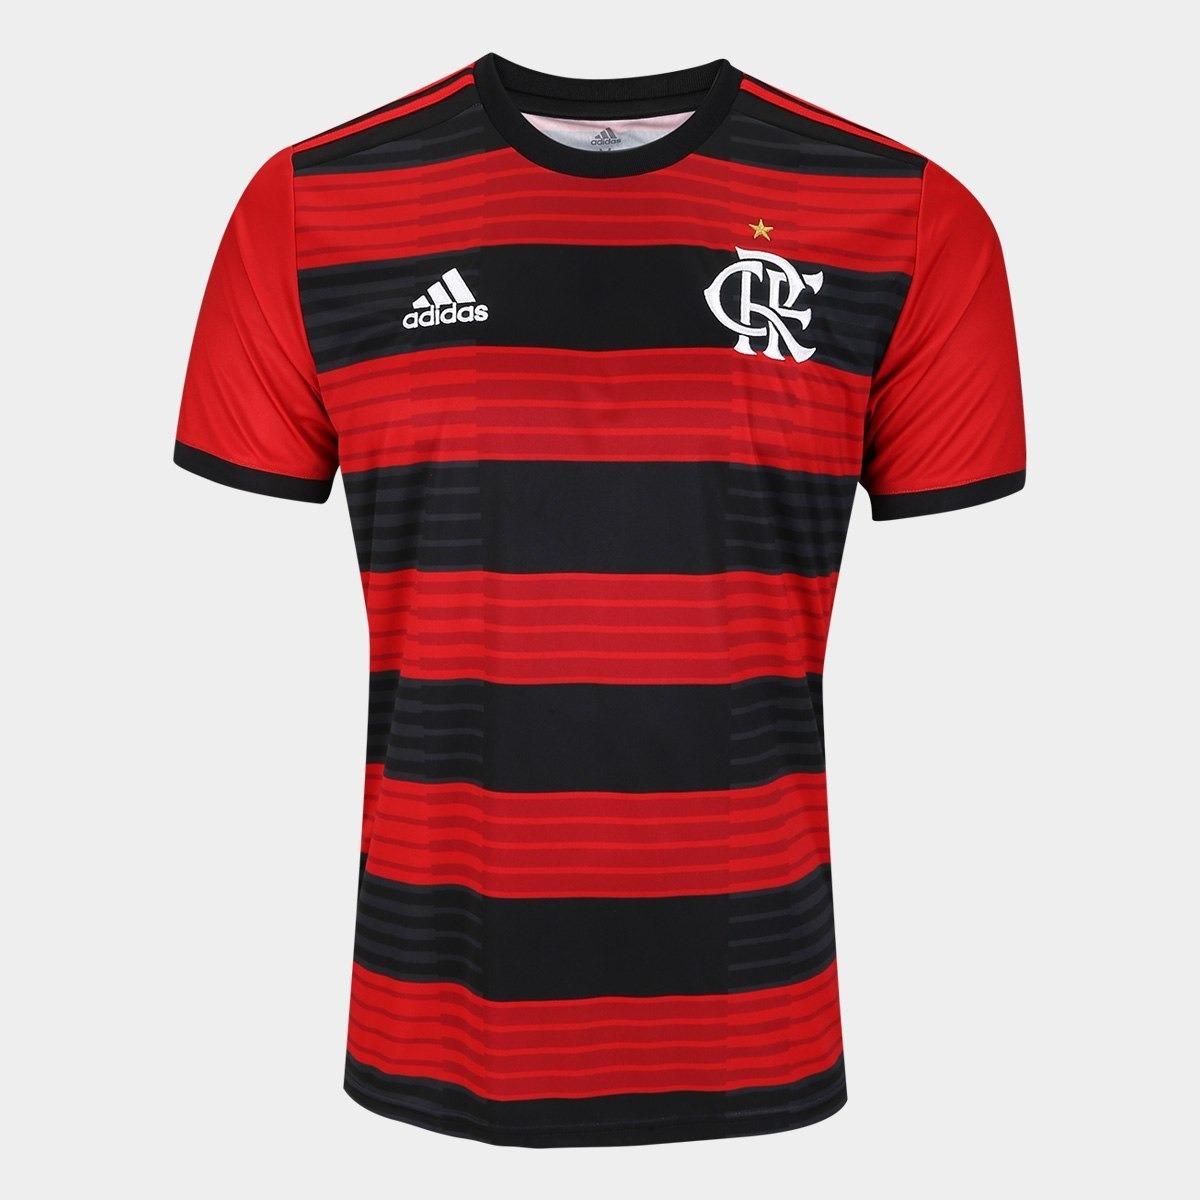 808e57bd16 Camisa Flamengo 2019 100% Original Frete Gratis - R  139